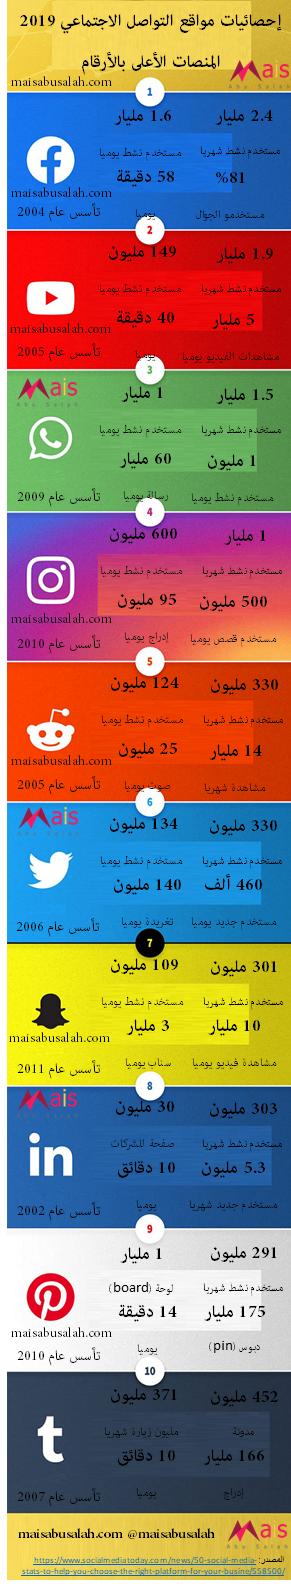 إحصائيات استخدام مواقع التواصل الاجتماعي 2019 -#إانفوجرافيك